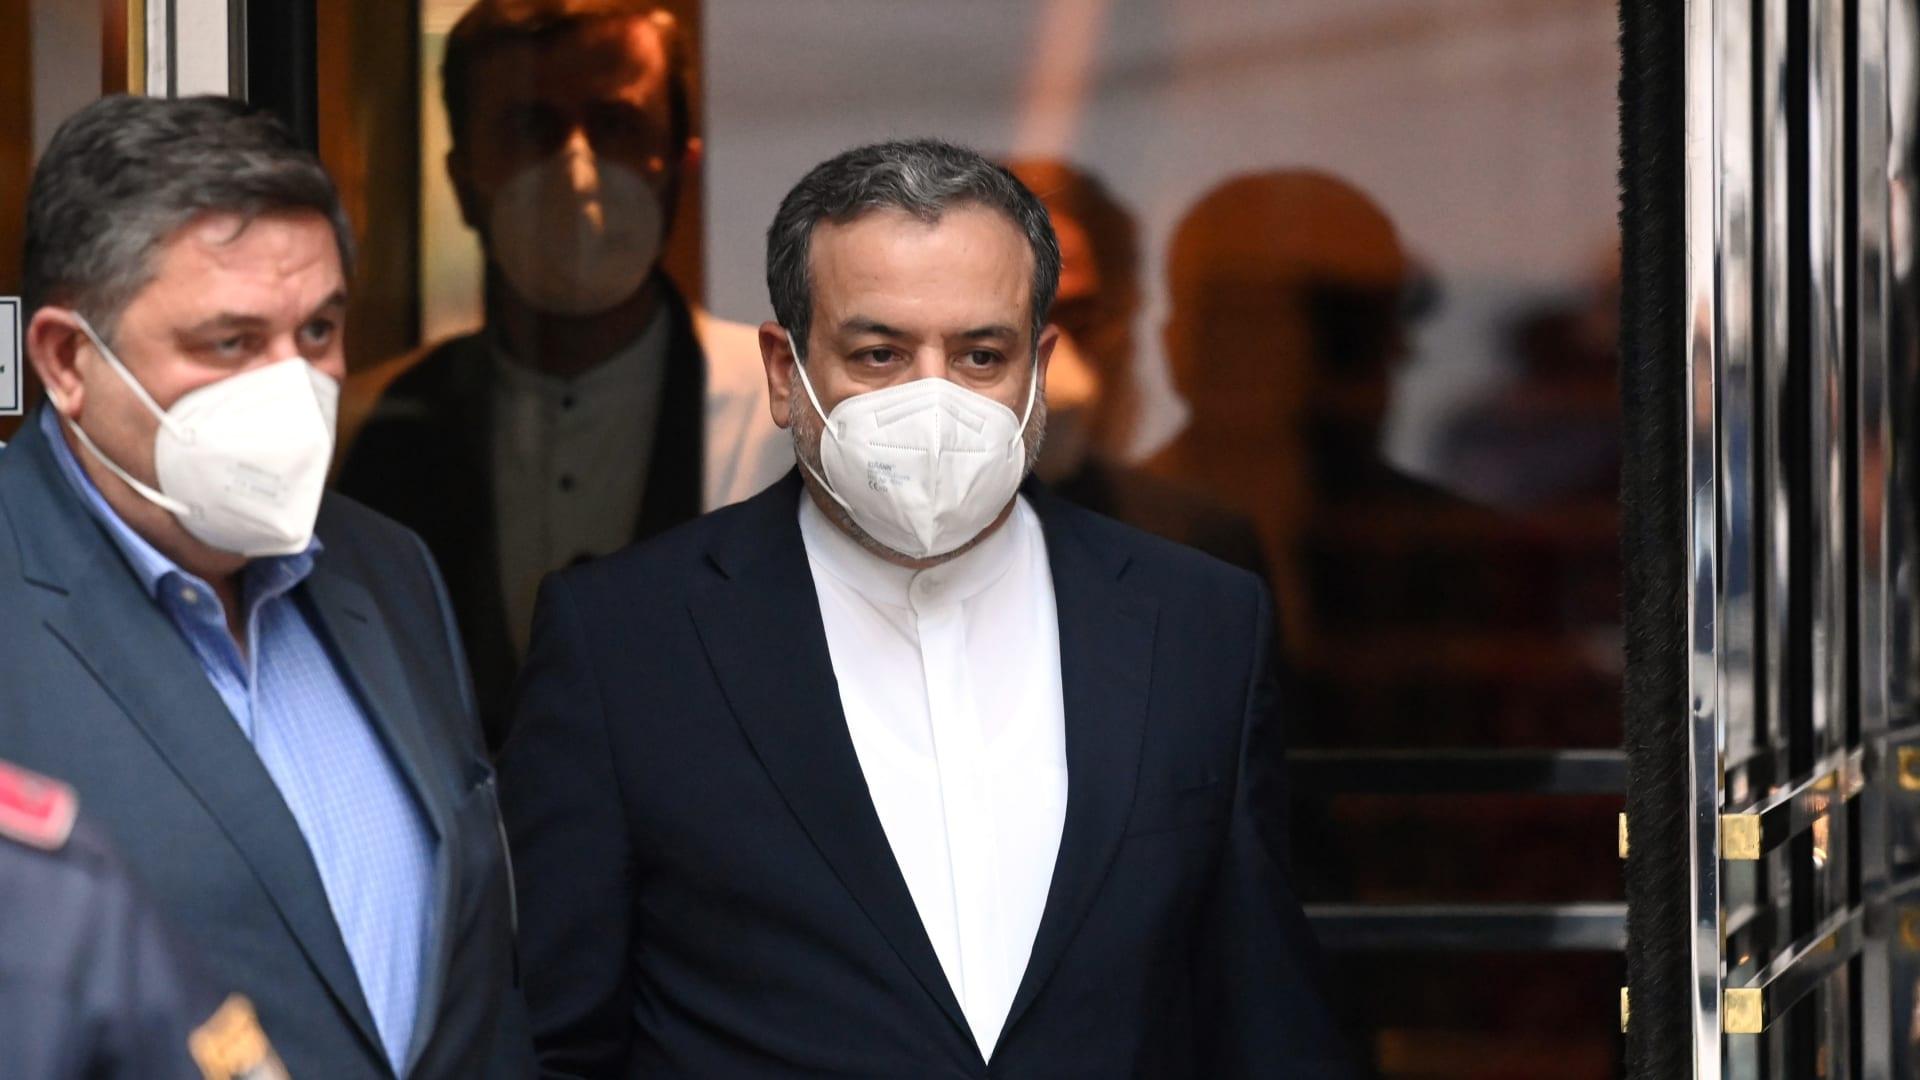 نائب وزير الخارجية الإيراني عباس عراقجي يغادر الفندق الكبير في اليوم الذي ستستأنف فيه المحادثات النووية الإيرانية لخطة العمل المشتركة الشاملة في 25 مايو 2021 في فيينا، النمسا.